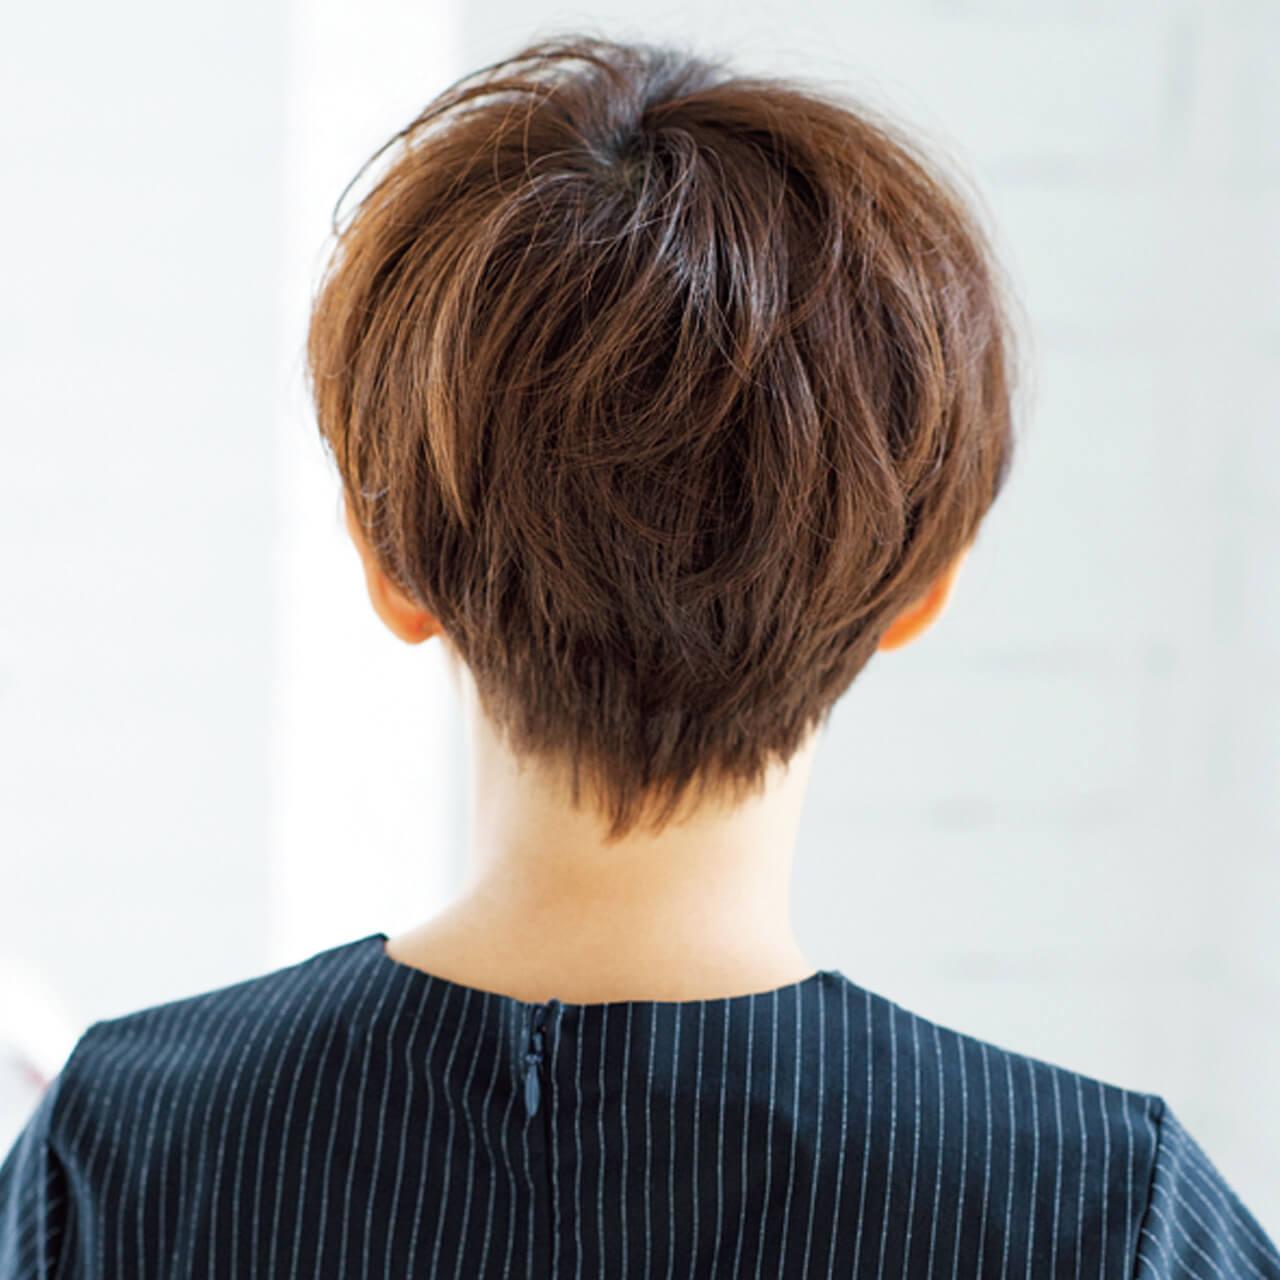 女っぷりが上がるショートヘア。ツーブロックでボリューム調整も【40代のショートヘア】_1_4